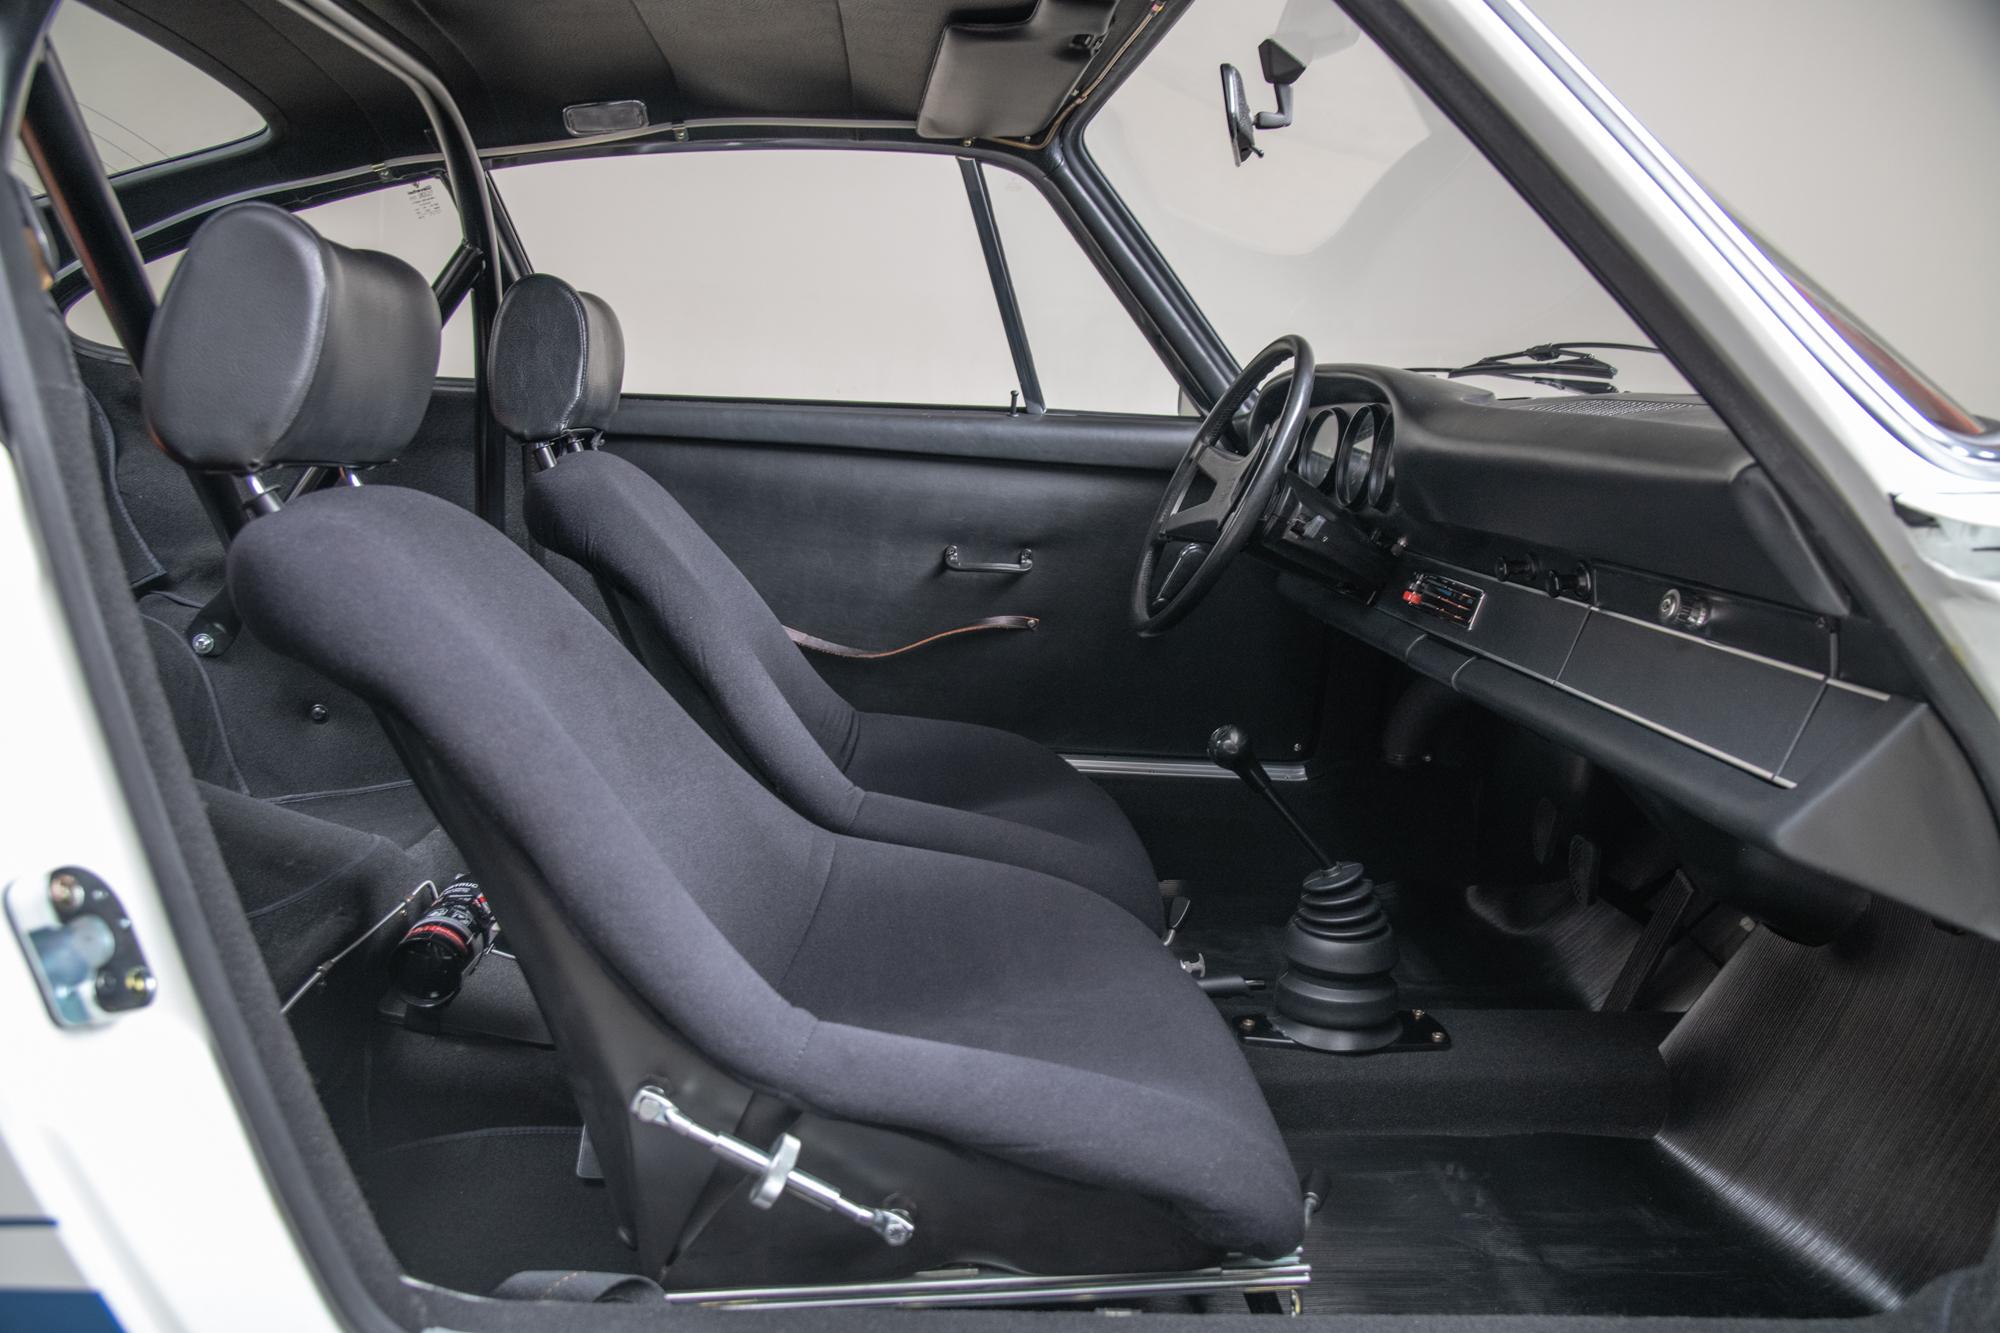 1973 Porsche 911 RS , WHITE, VIN 9113600284, MILEAGE 6575